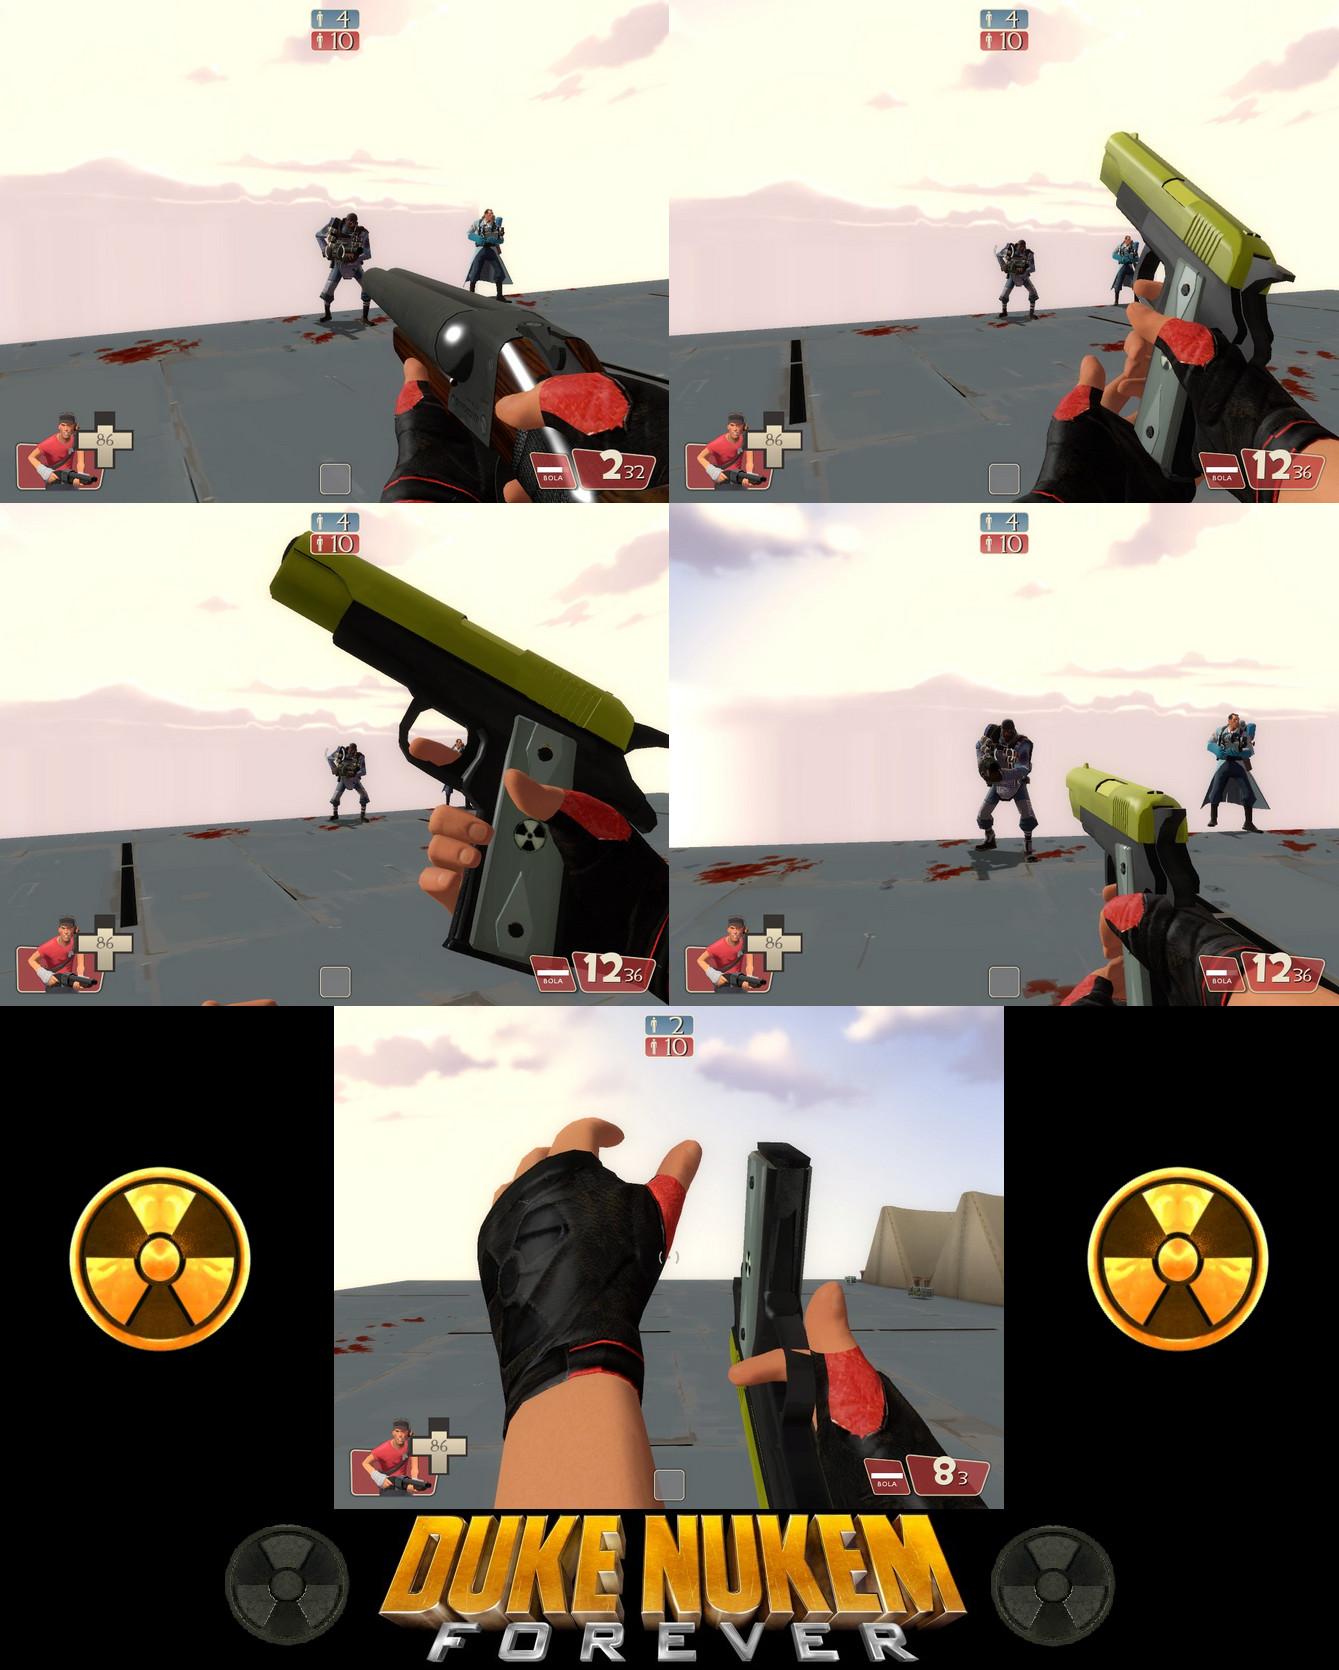 Duke Nukem Forever - TF2 mod by NeoMetalSonic360 on DeviantArt